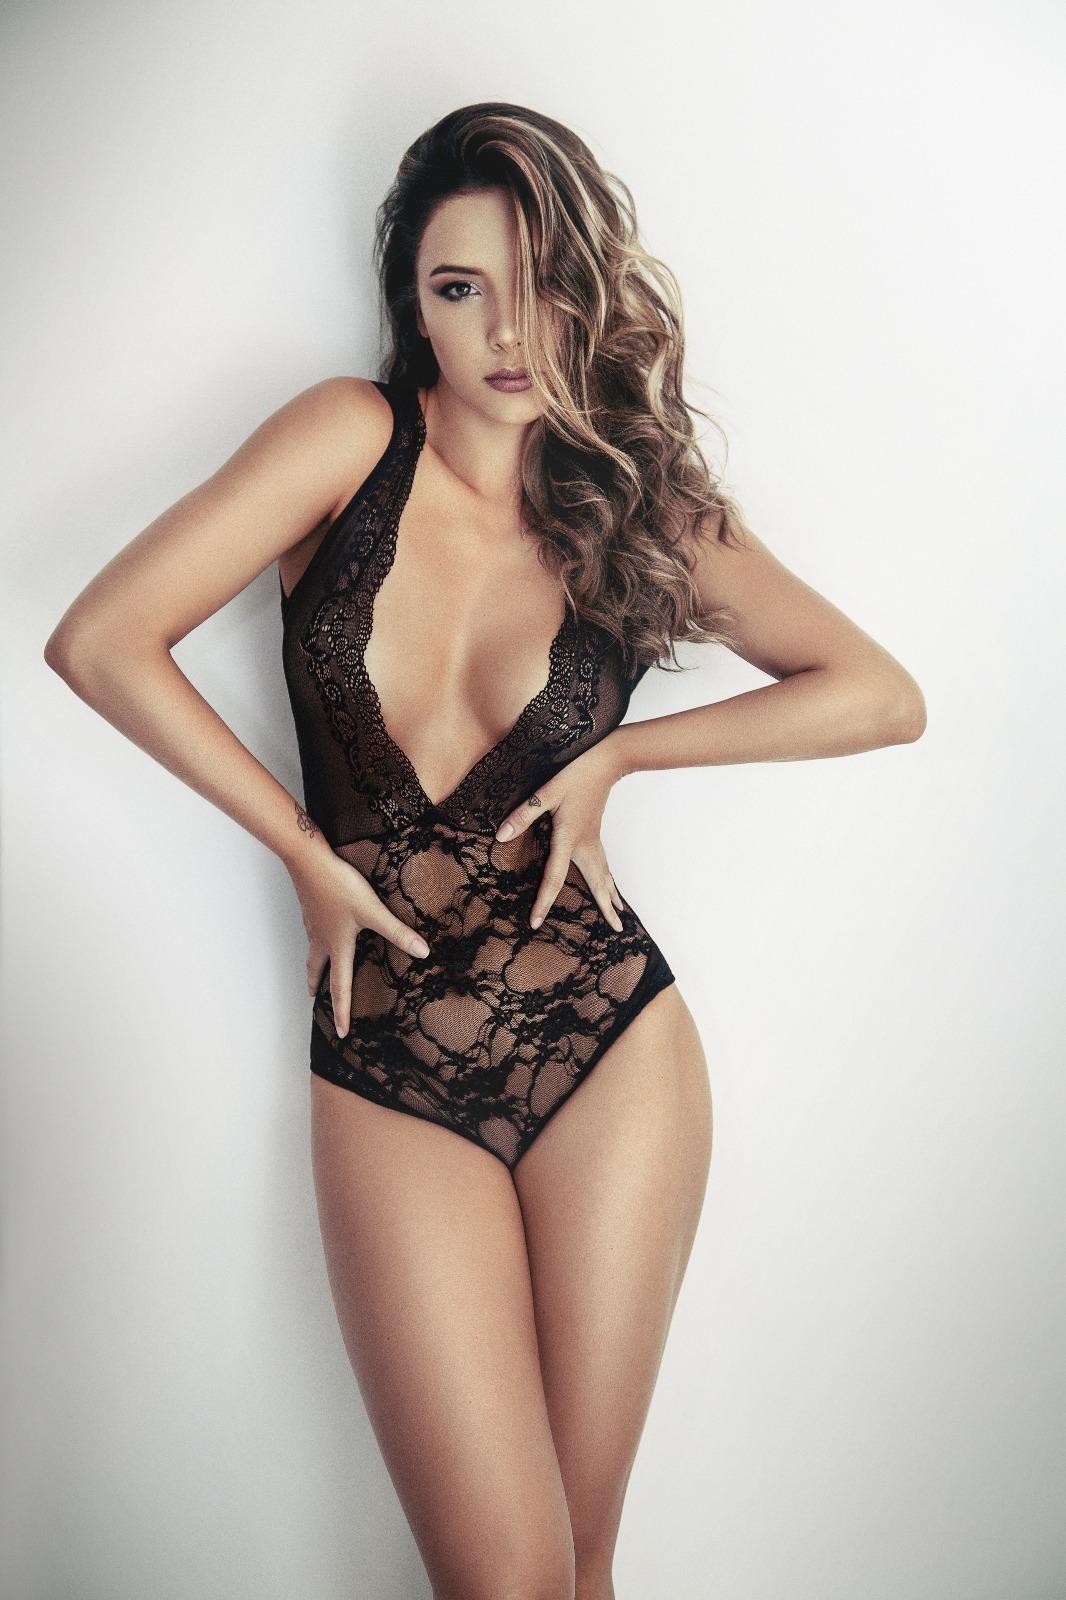 La sutil revoluci n de la ropa interior femenina for Foto ropa interior femenina